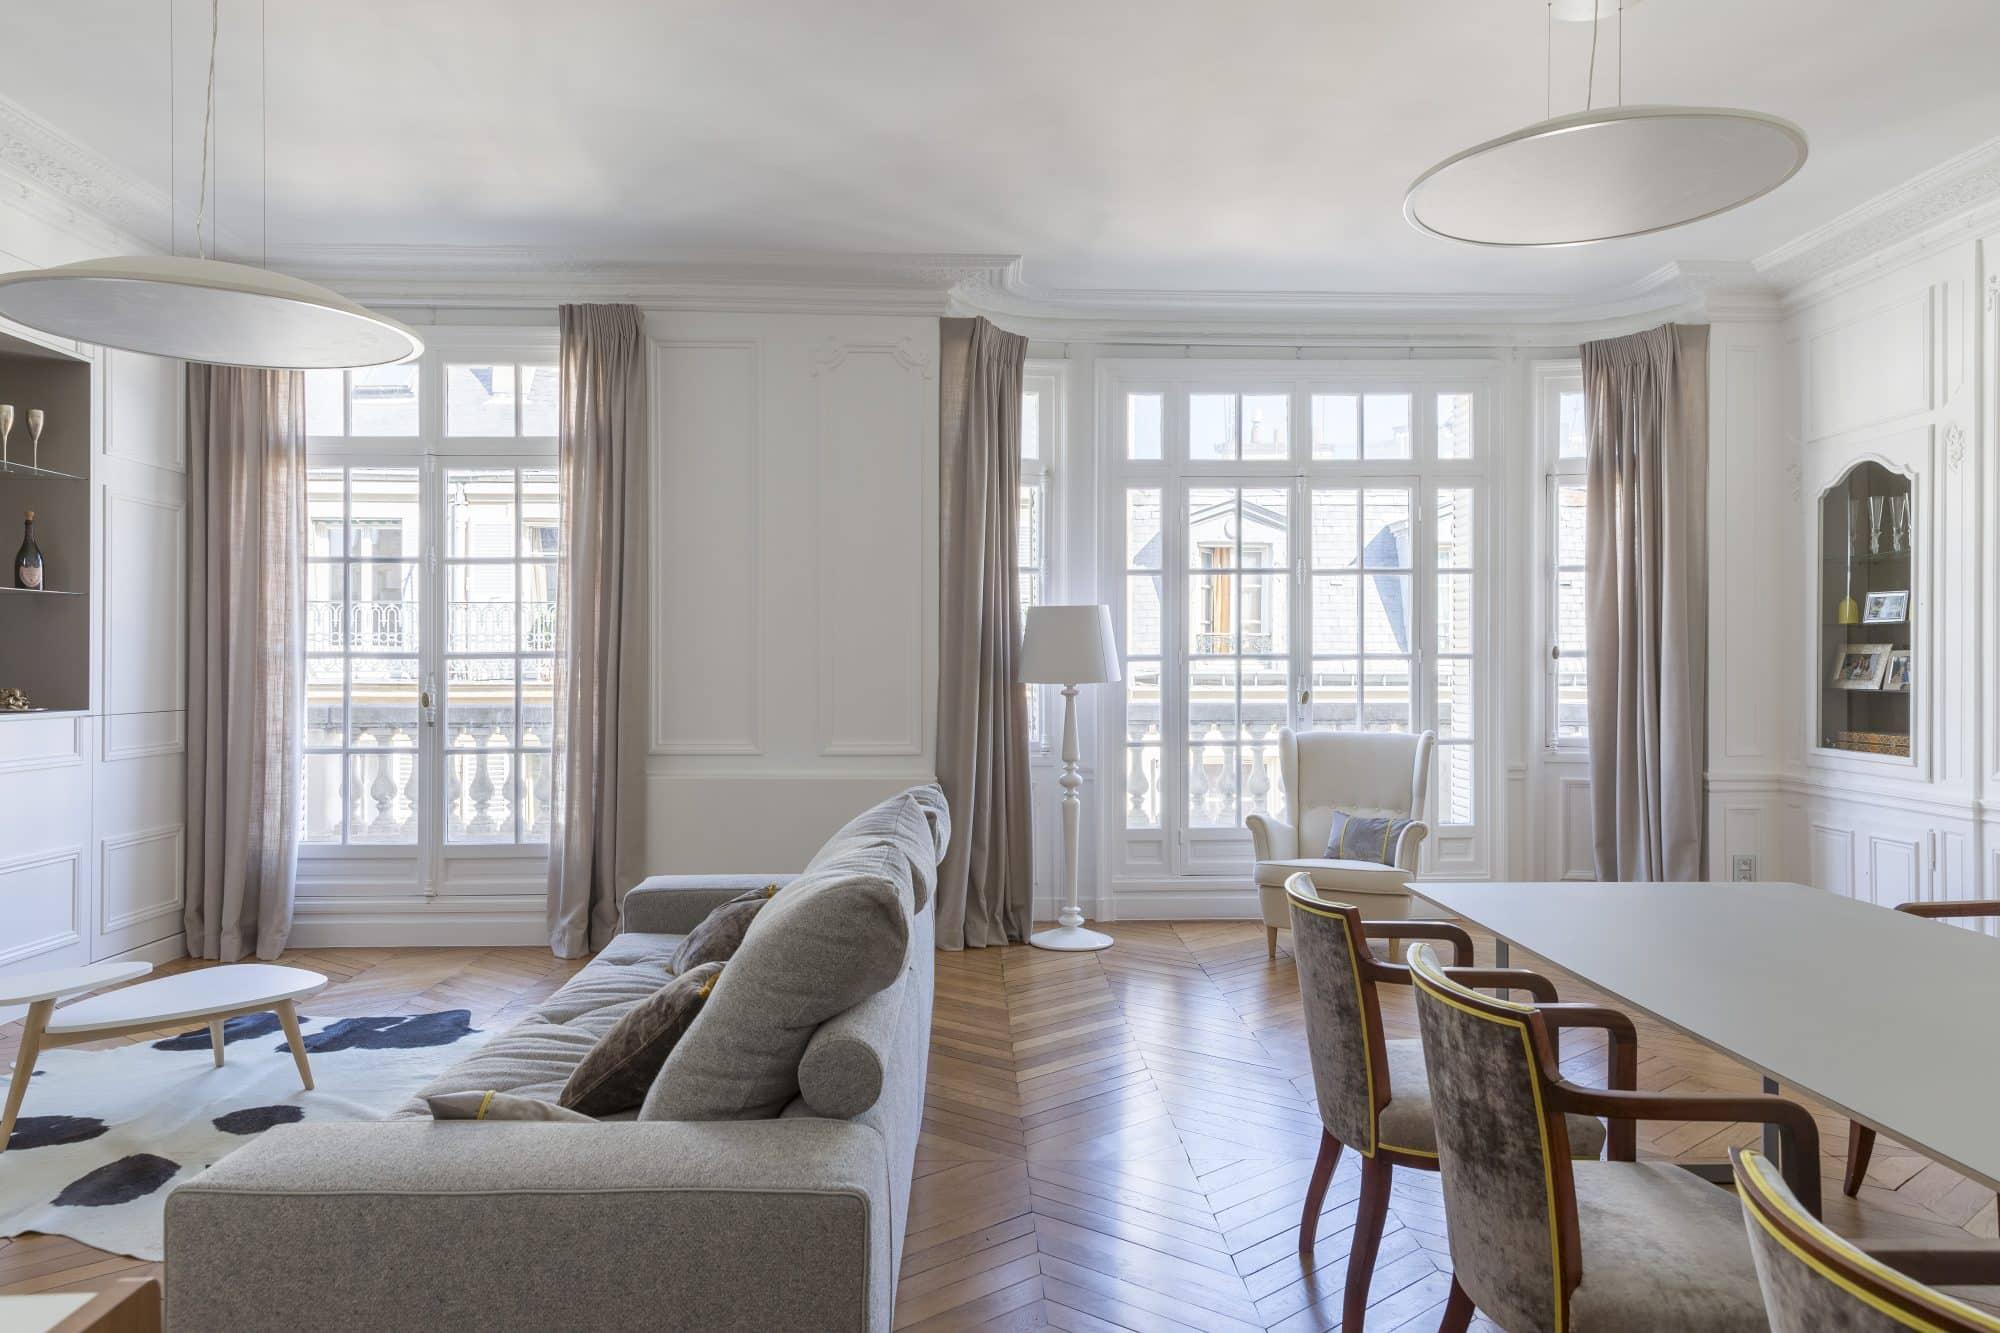 etofea rideaux sur mesure paris 75016 habillage d 39 un. Black Bedroom Furniture Sets. Home Design Ideas